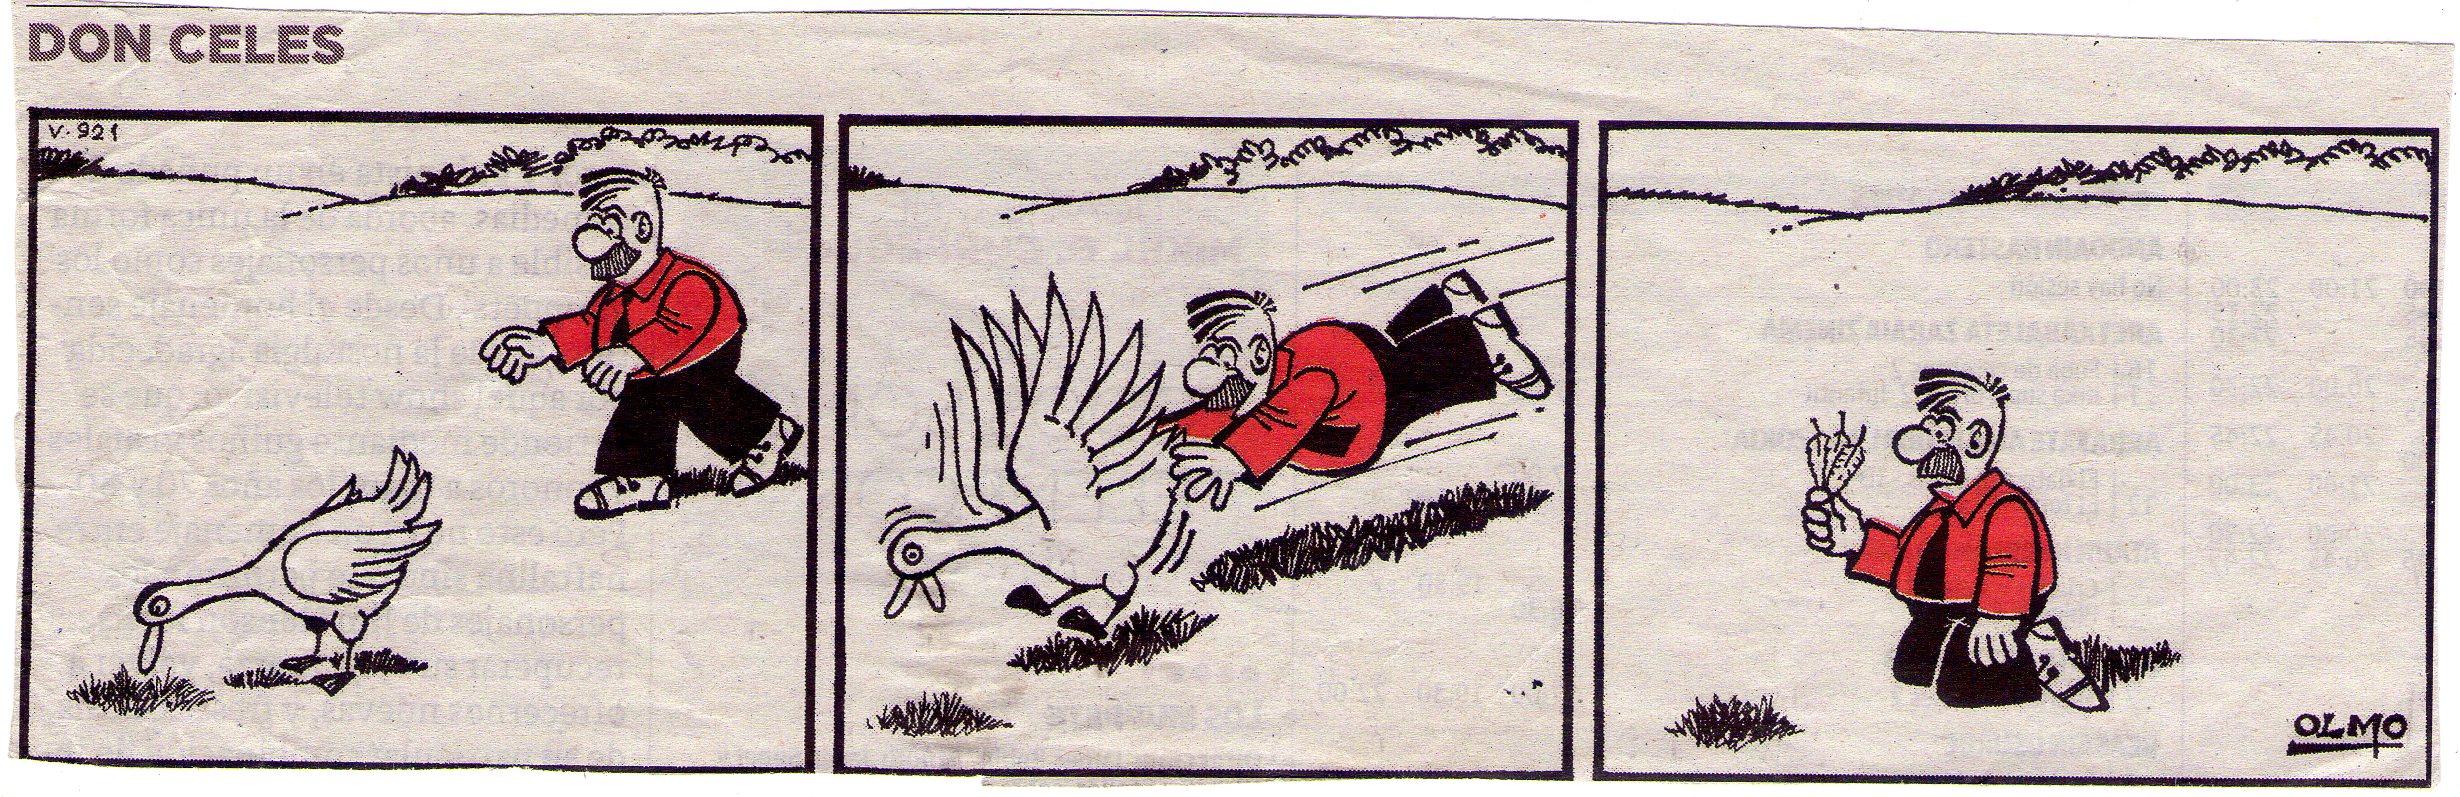 Don Celes quiere cazar un pato y se queda con las plumas